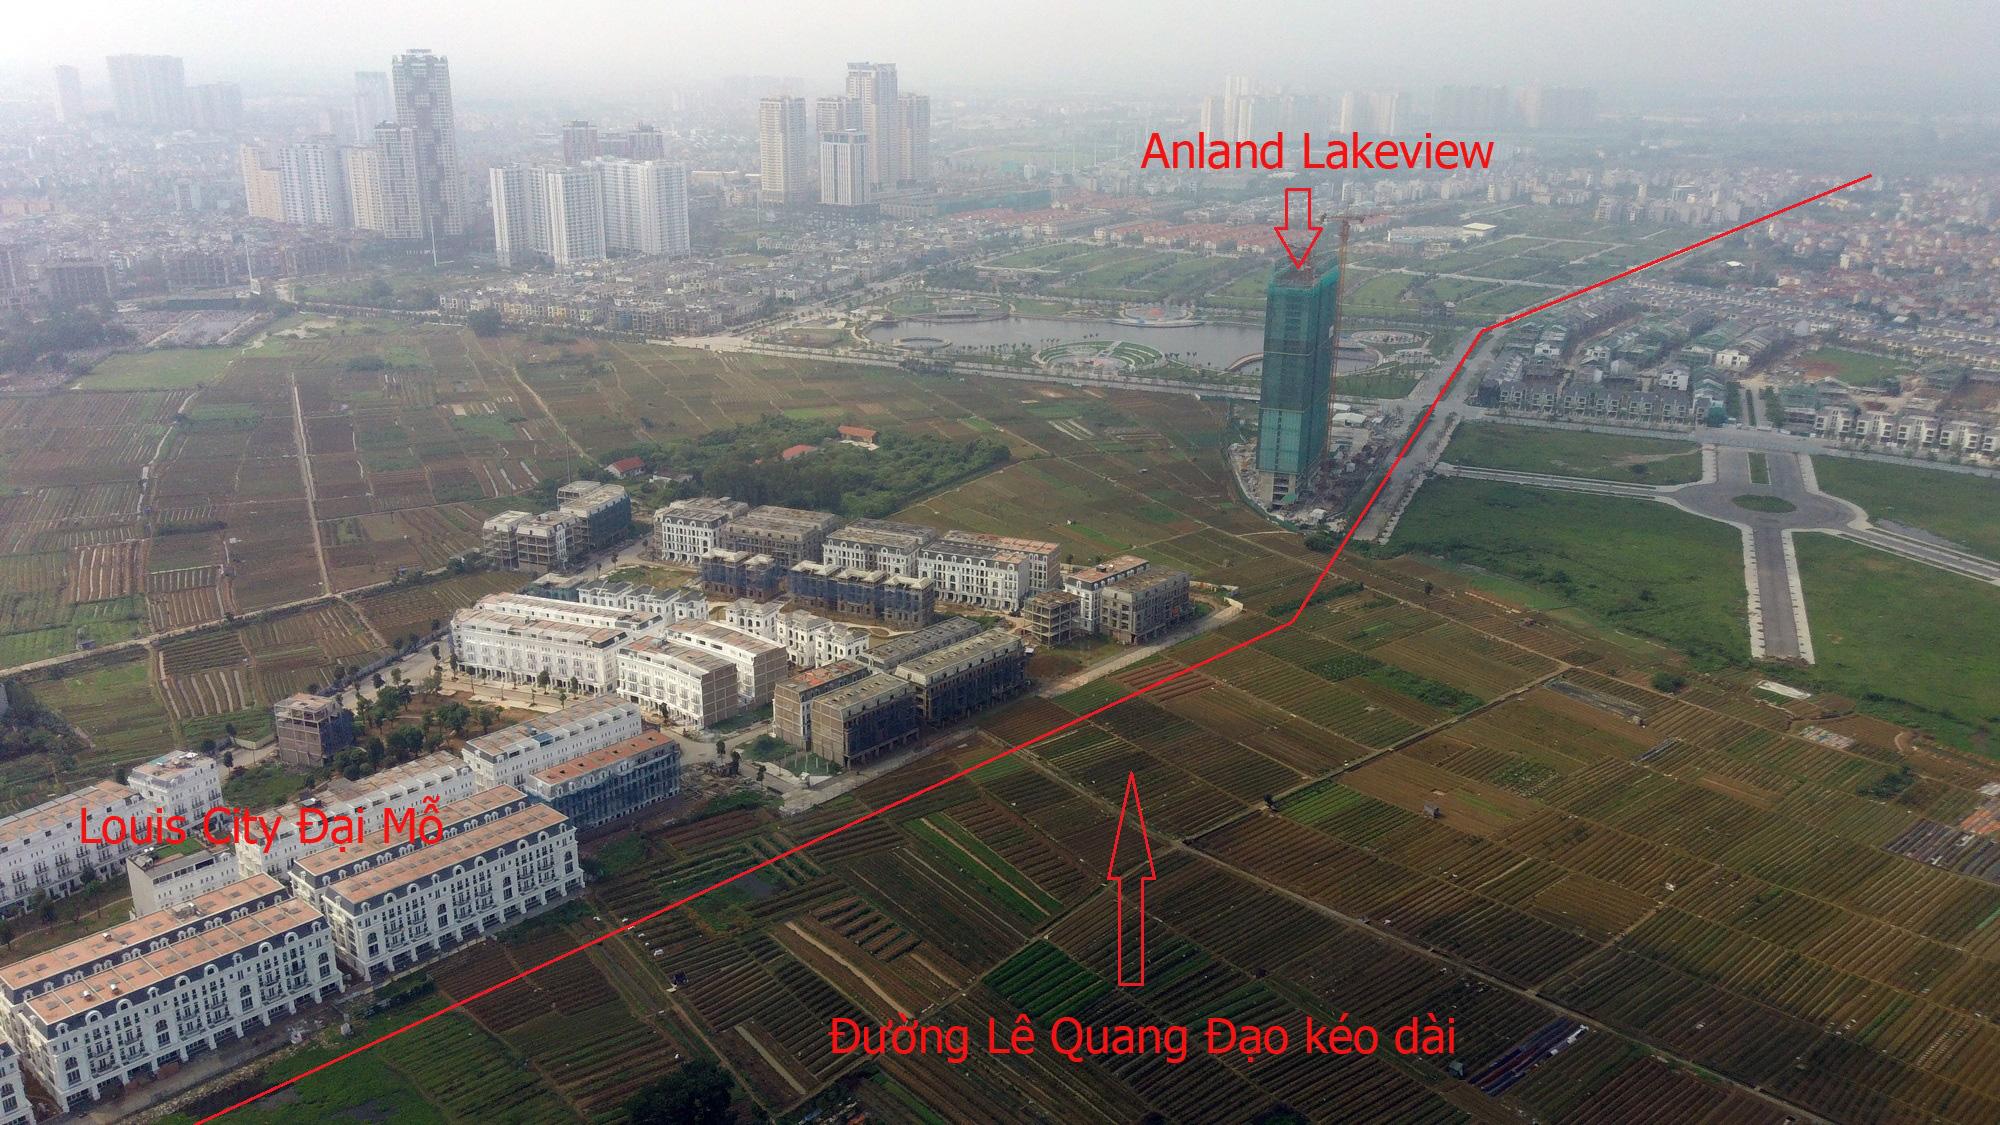 Những dự án hưởng lợi từ qui hoạch đường Lê Quang Đạo kéo dài - Ảnh 8.